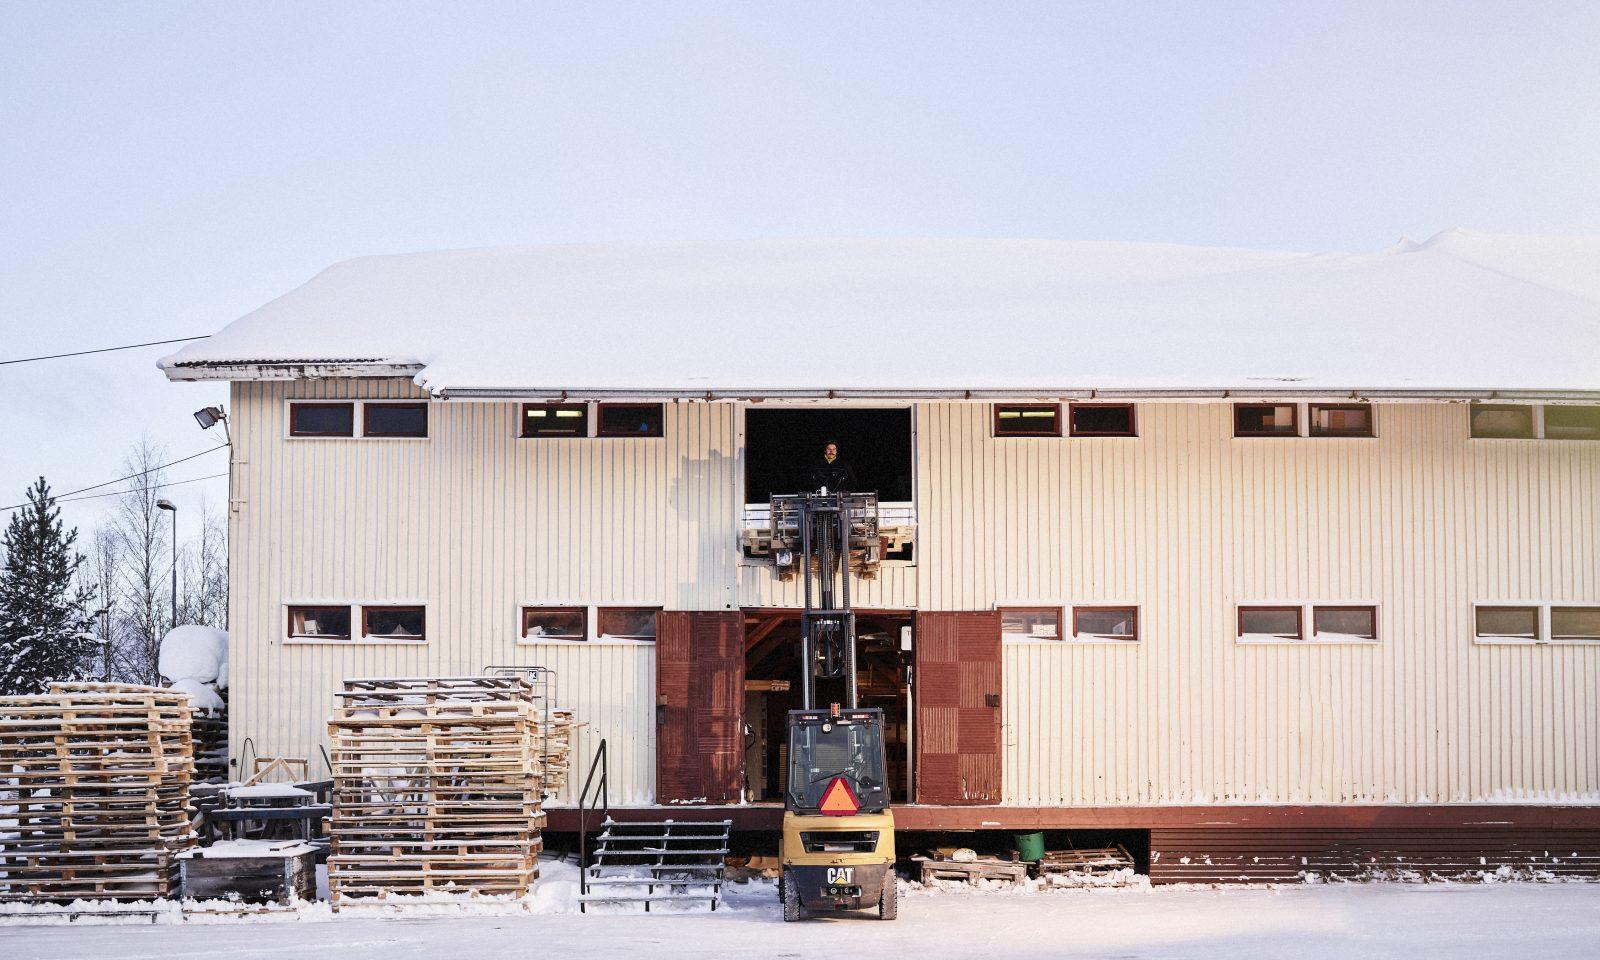 Trukki nostaa tavaraa rakennukseen.